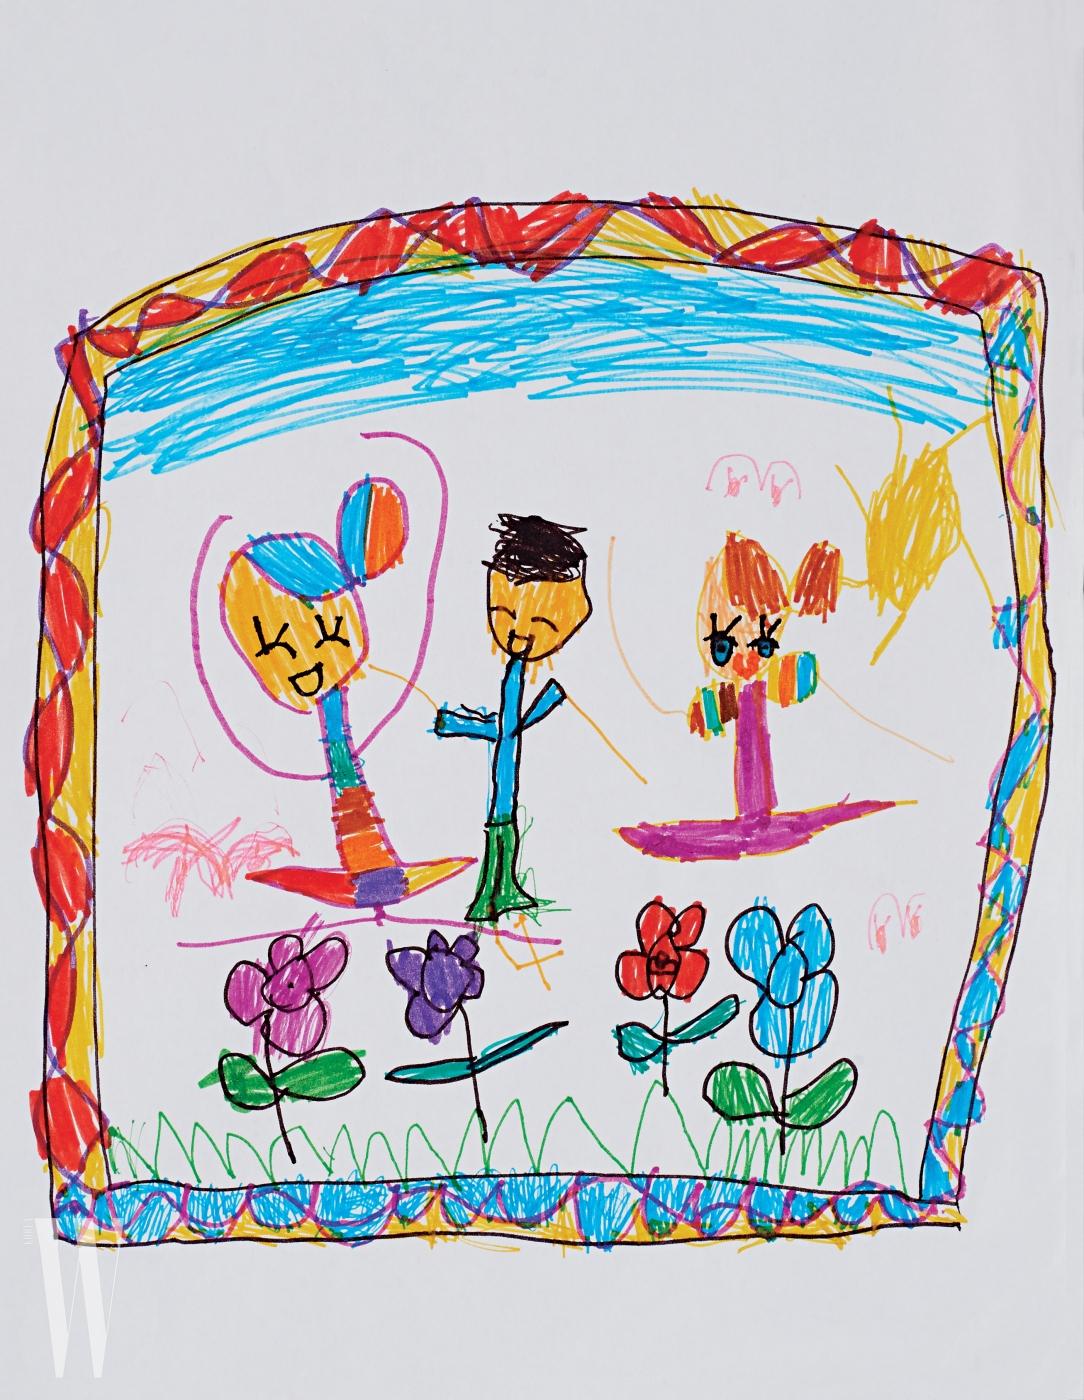 배우 정시아와 백도빈의 딸 백서우(6세) 양의 그림. 아이의 천진한 눈으로 바라본 꽃밭과 친구들이 행복한 느낌을 준다.